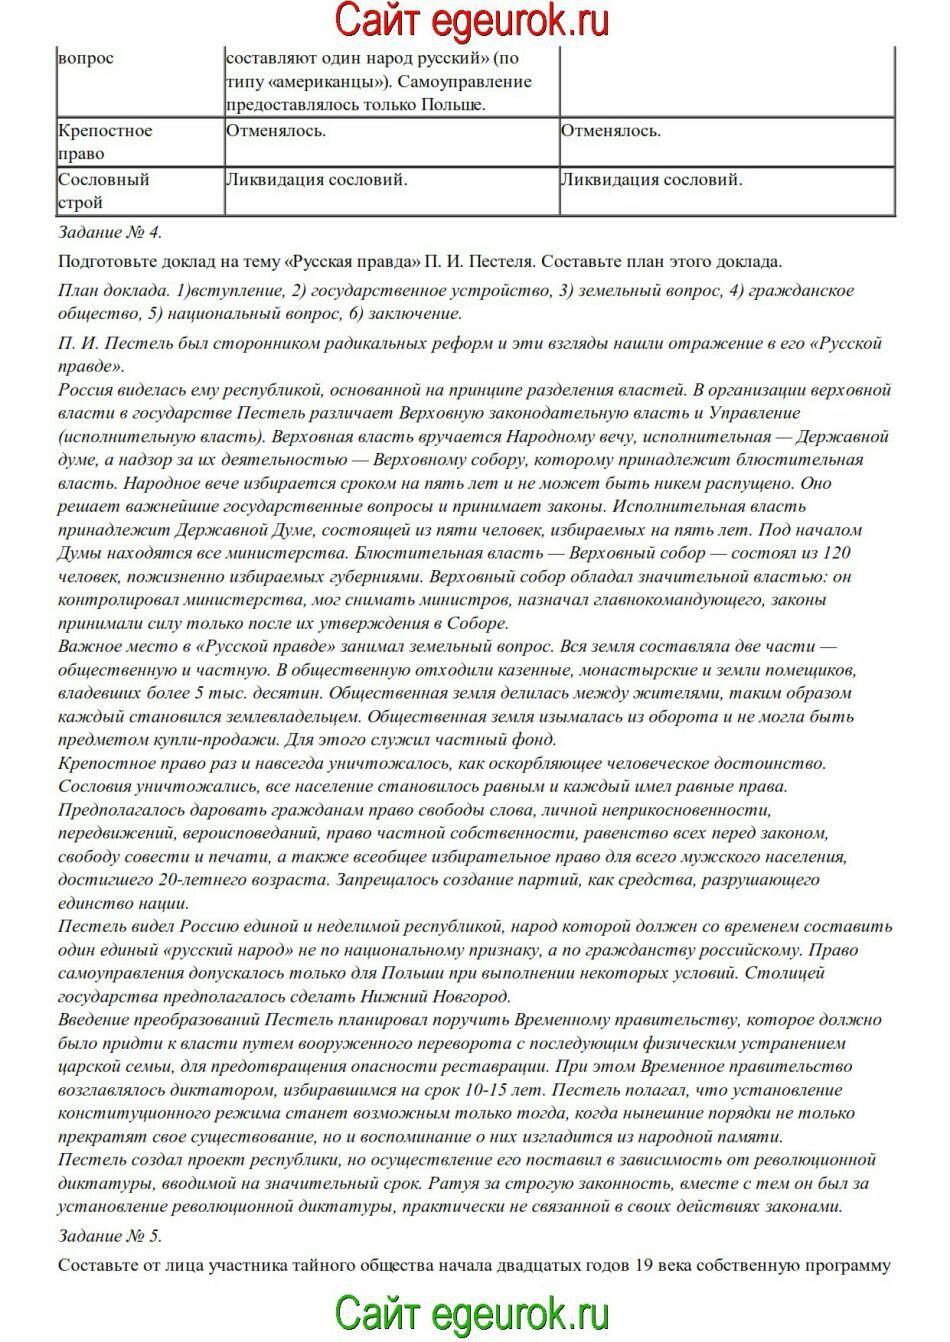 Учебник по математике 5 класс виленкин жохов чесноков шварцбурд домашние работы